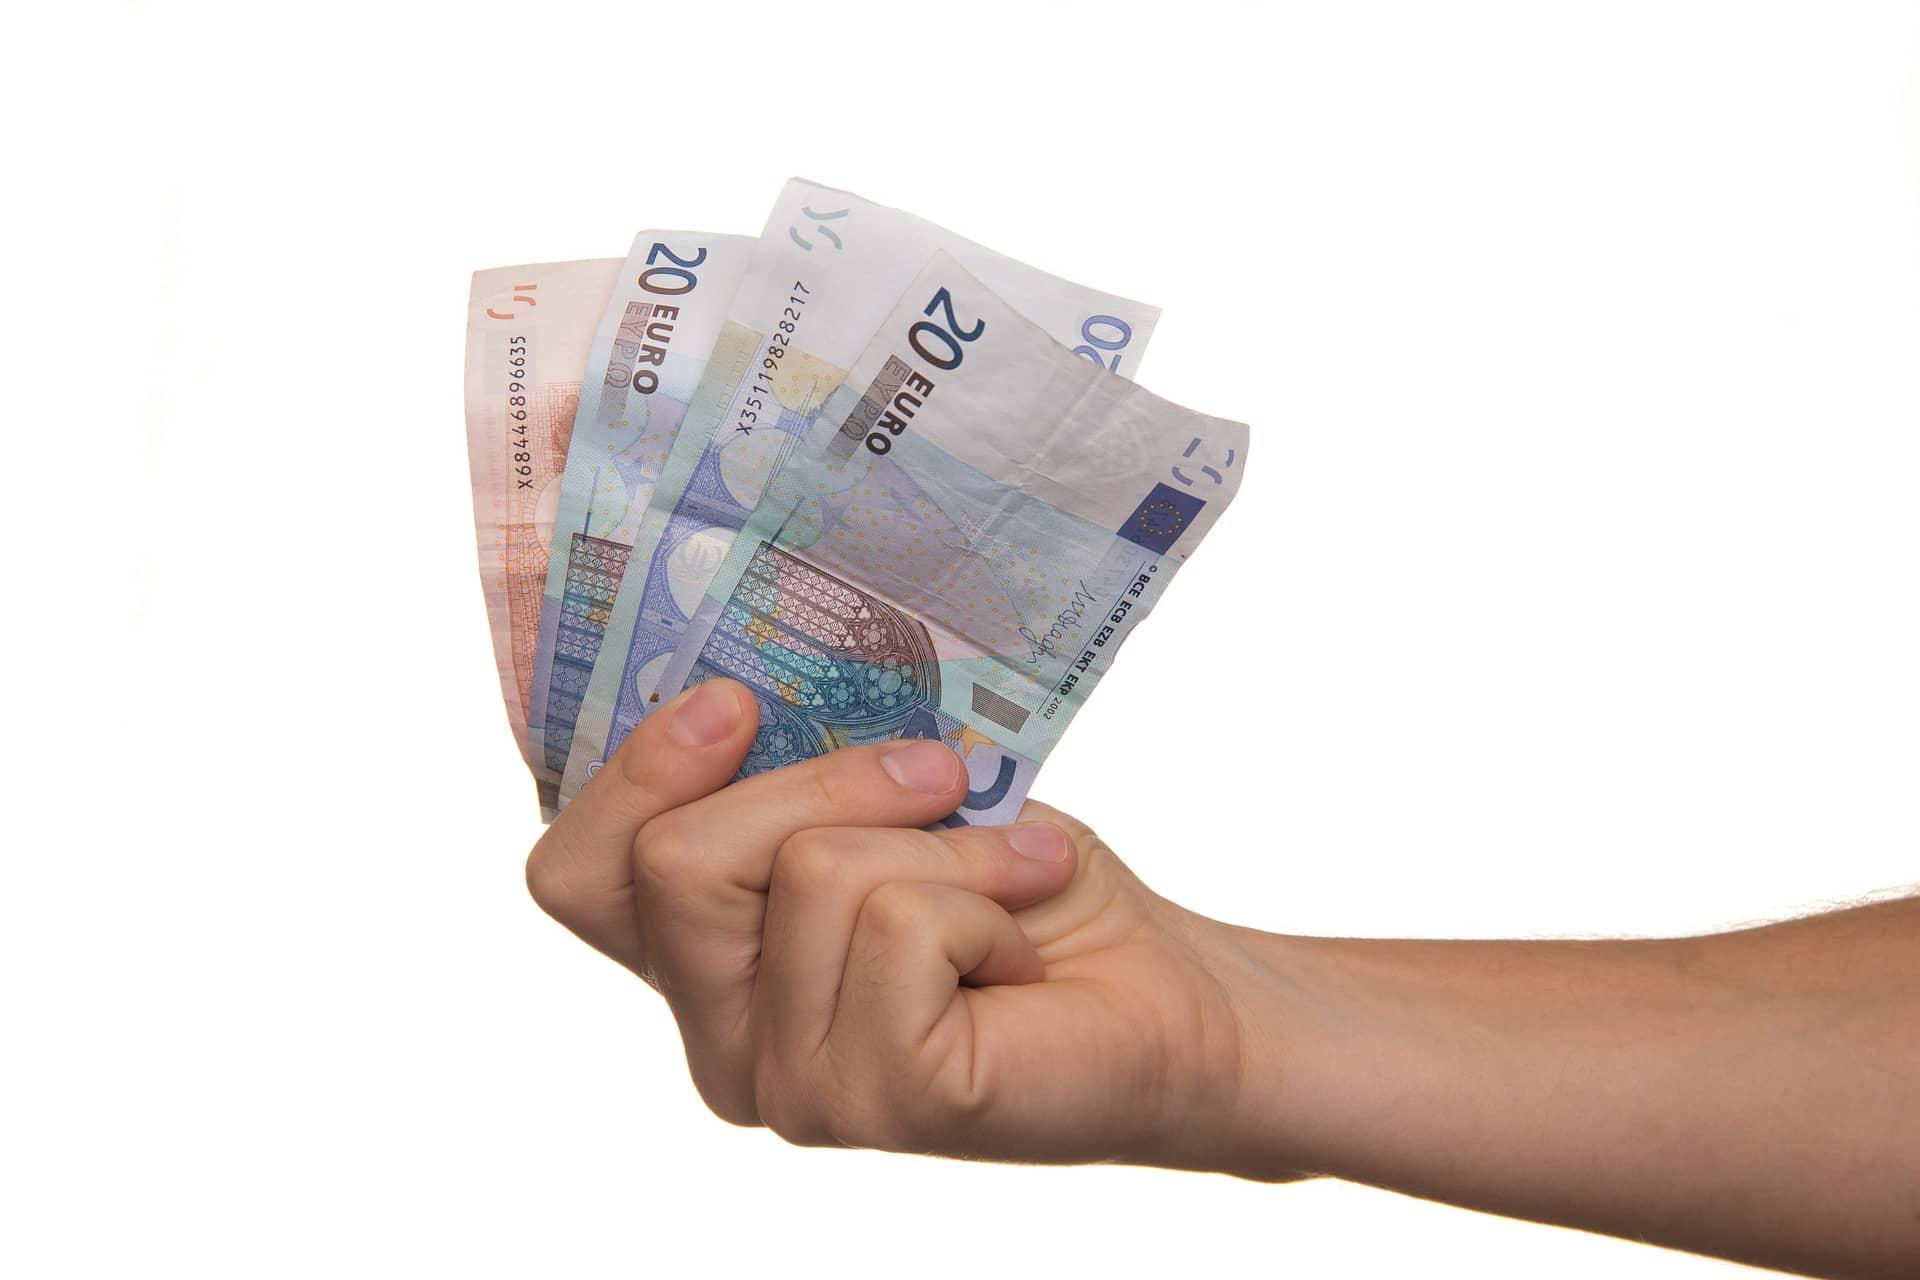 Hitta företag som lånar ut pengar till andra